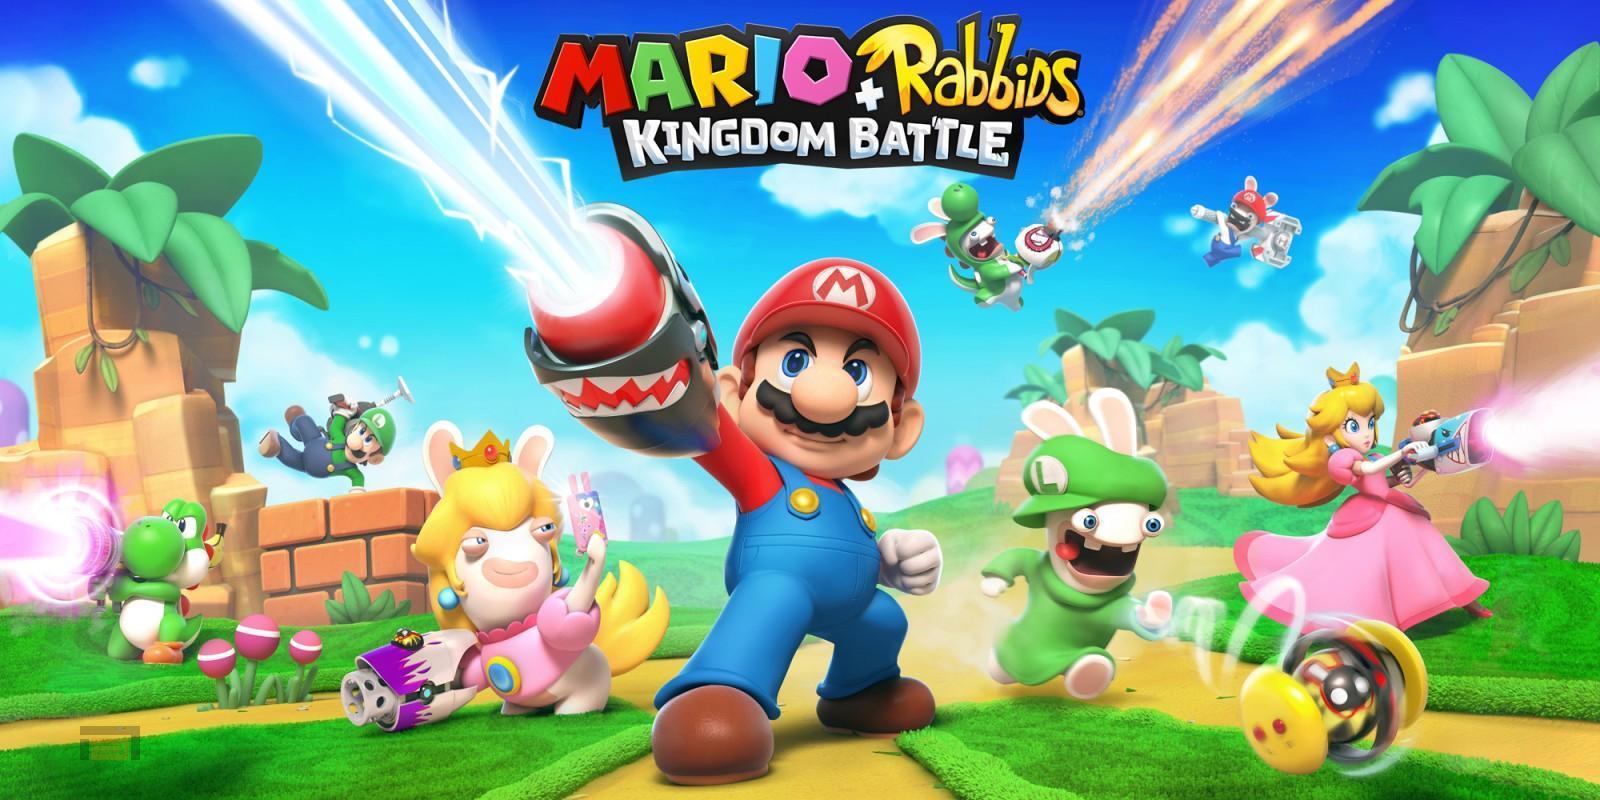 Consejos y trucos para comenzar a jugar y ganar las batallas en Mario + Rabbids Kingdom Battle